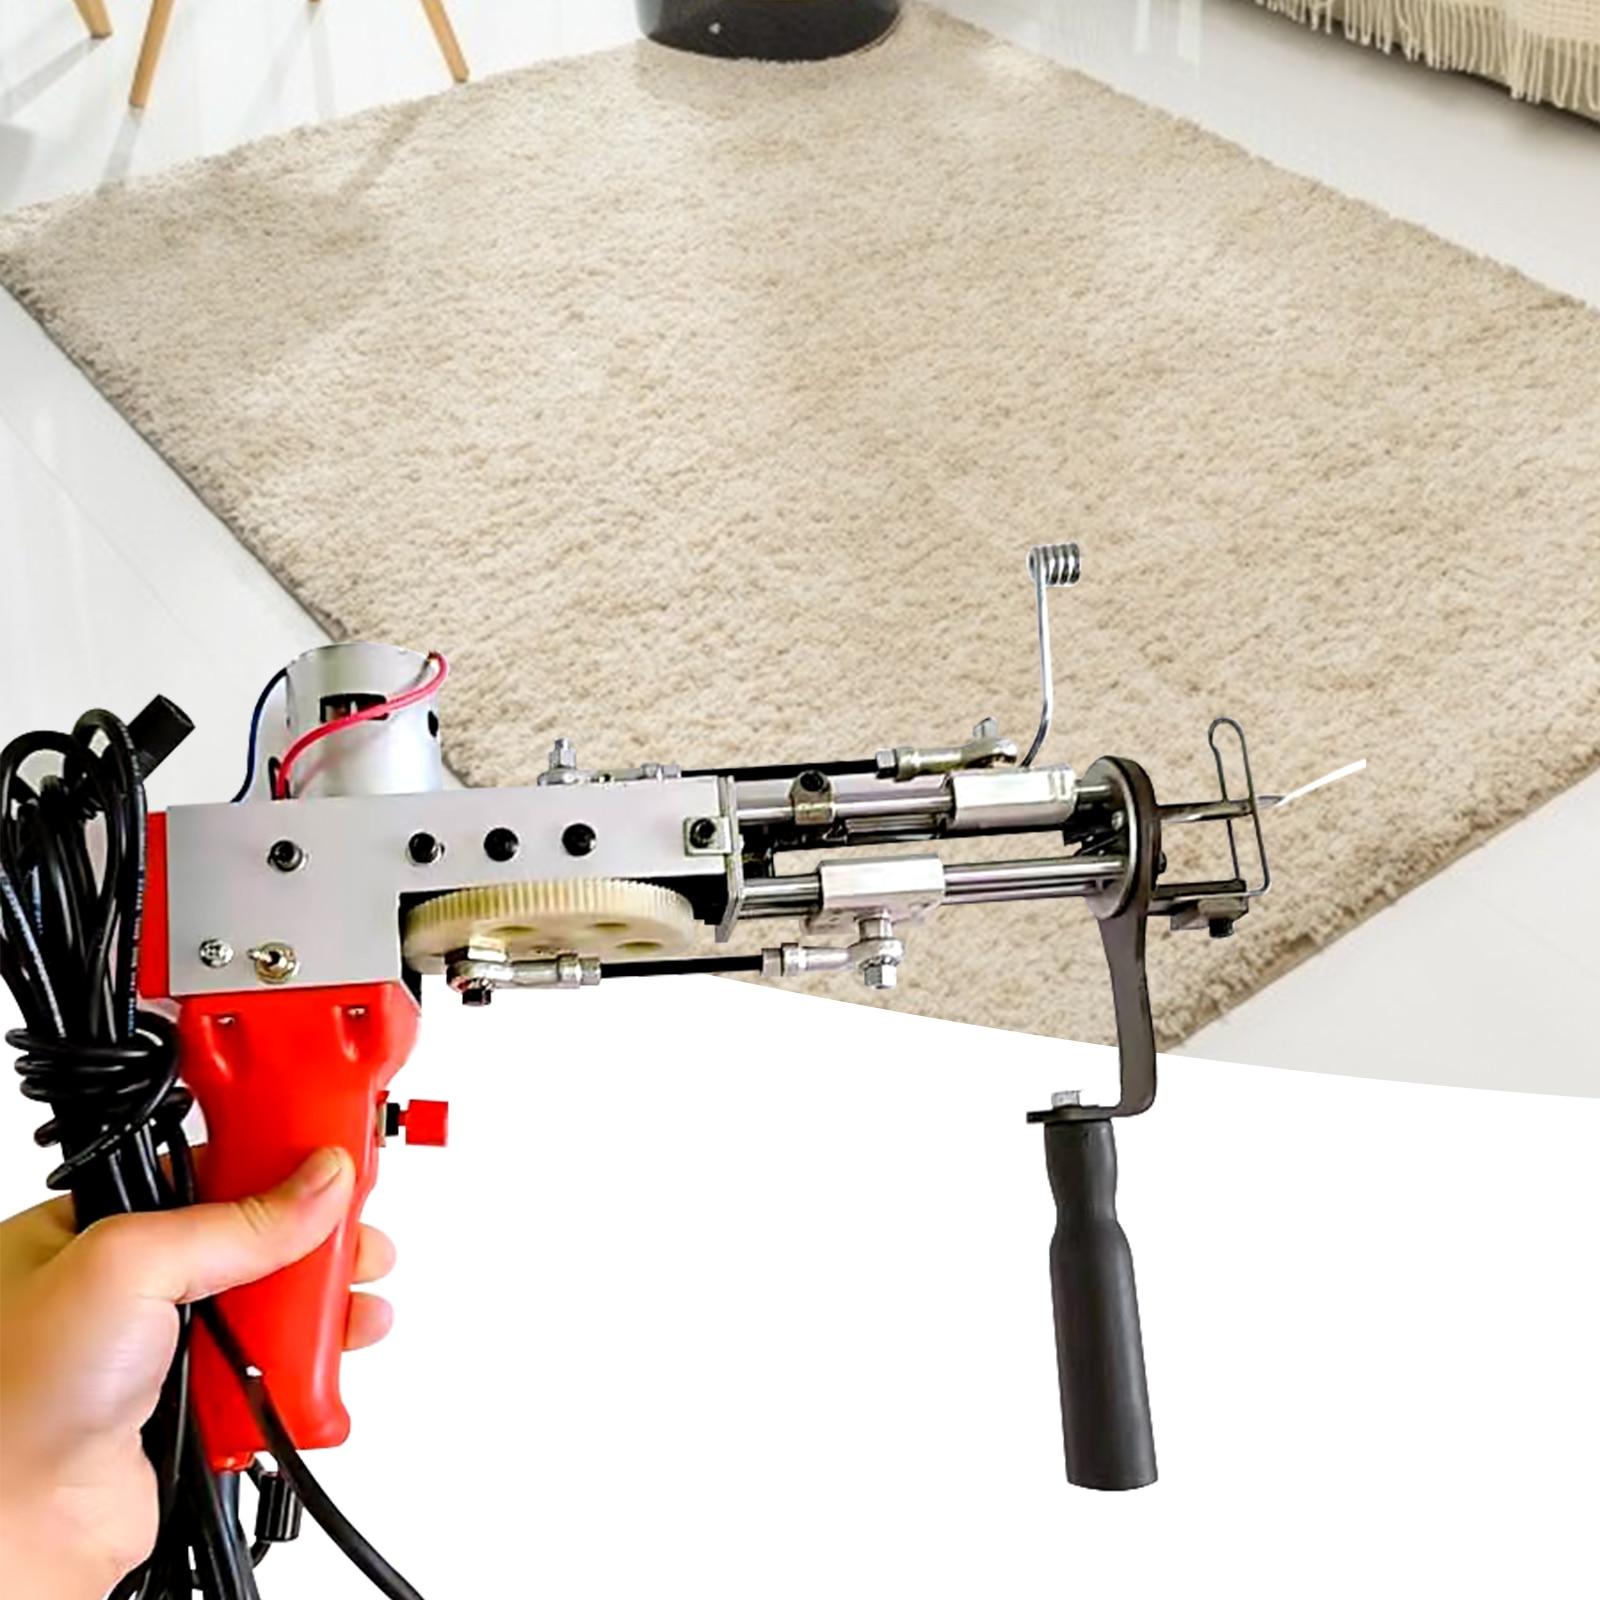 110V US Plug Electric Carpet Sewing Machine Cut Pile Upgraded Red Tufting Gun Rug Weaving Flocking Power Tool Carpet Weaving enlarge